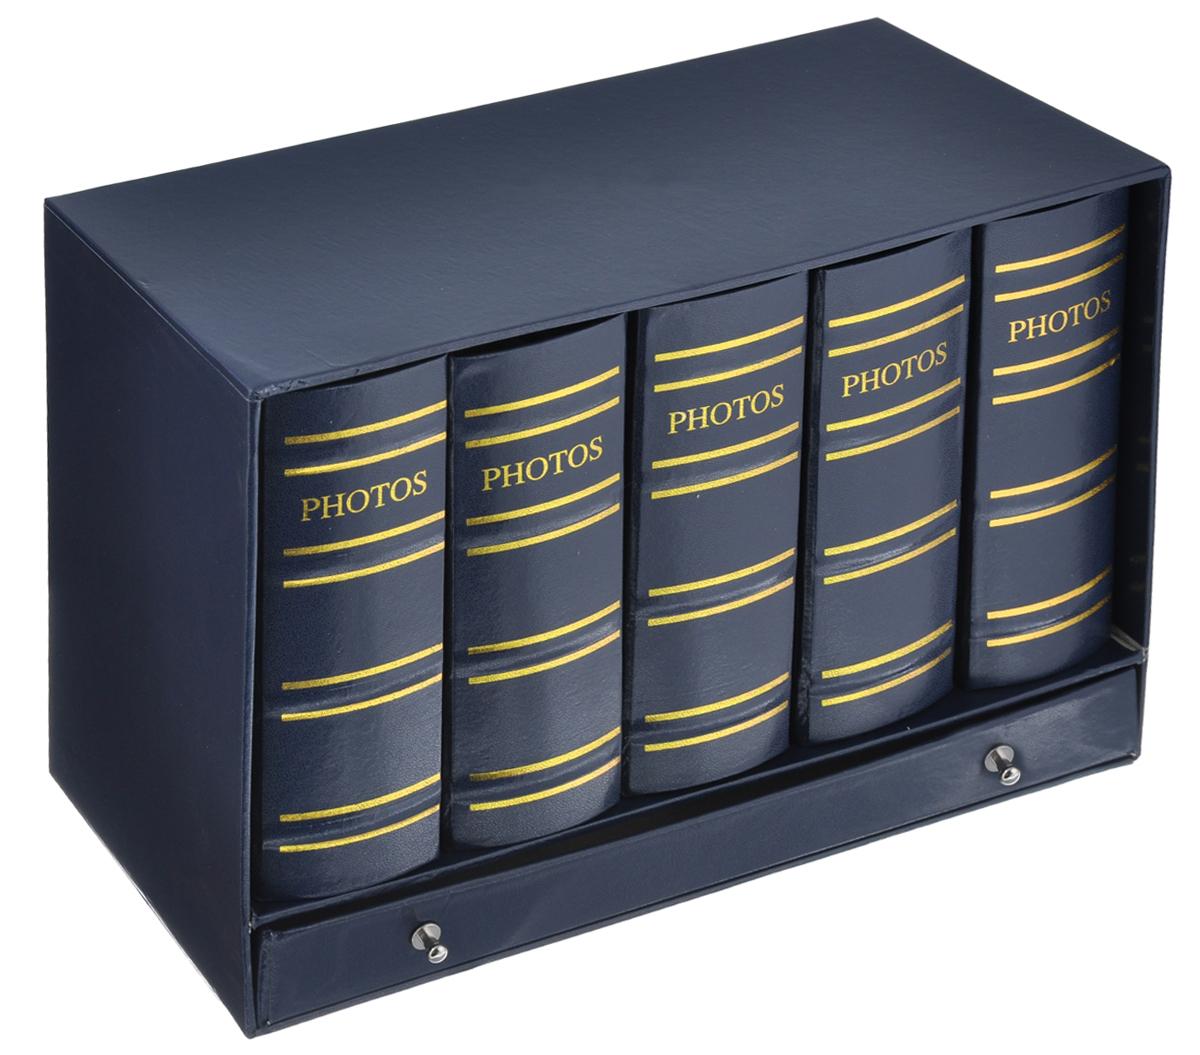 """Набор Image Art """"Библиотека"""", состоящий из пяти фотоальбомов, поможет красиво оформить ваши  фотографии. Обложки фотоальбомов выполнены из толстого картона, обтянутого искусственной  кожей. Внутри содержится блок из 50 листов с фиксаторами-окошками  из ПВХ. Каждый альбом рассчитан на 100 фотографий формата 10 см х 15 см.   Альбомы вставляются в подарочную коробку, оснащенную ящиком для хранения различных мелочей. Нам всегда так приятно вспоминать о самых счастливых моментах жизни, запечатленных на  фотографиях. Поэтому фотоальбом является универсальным подарком к любому празднику.  Количество альбомов: 5 шт. Количество листов в одном альбоме: 50 шт. Число мест для фотографий в одном альбоме: 100 шт. Размер фотоальбома: 12,5 см х 6 см х 16,5 см."""